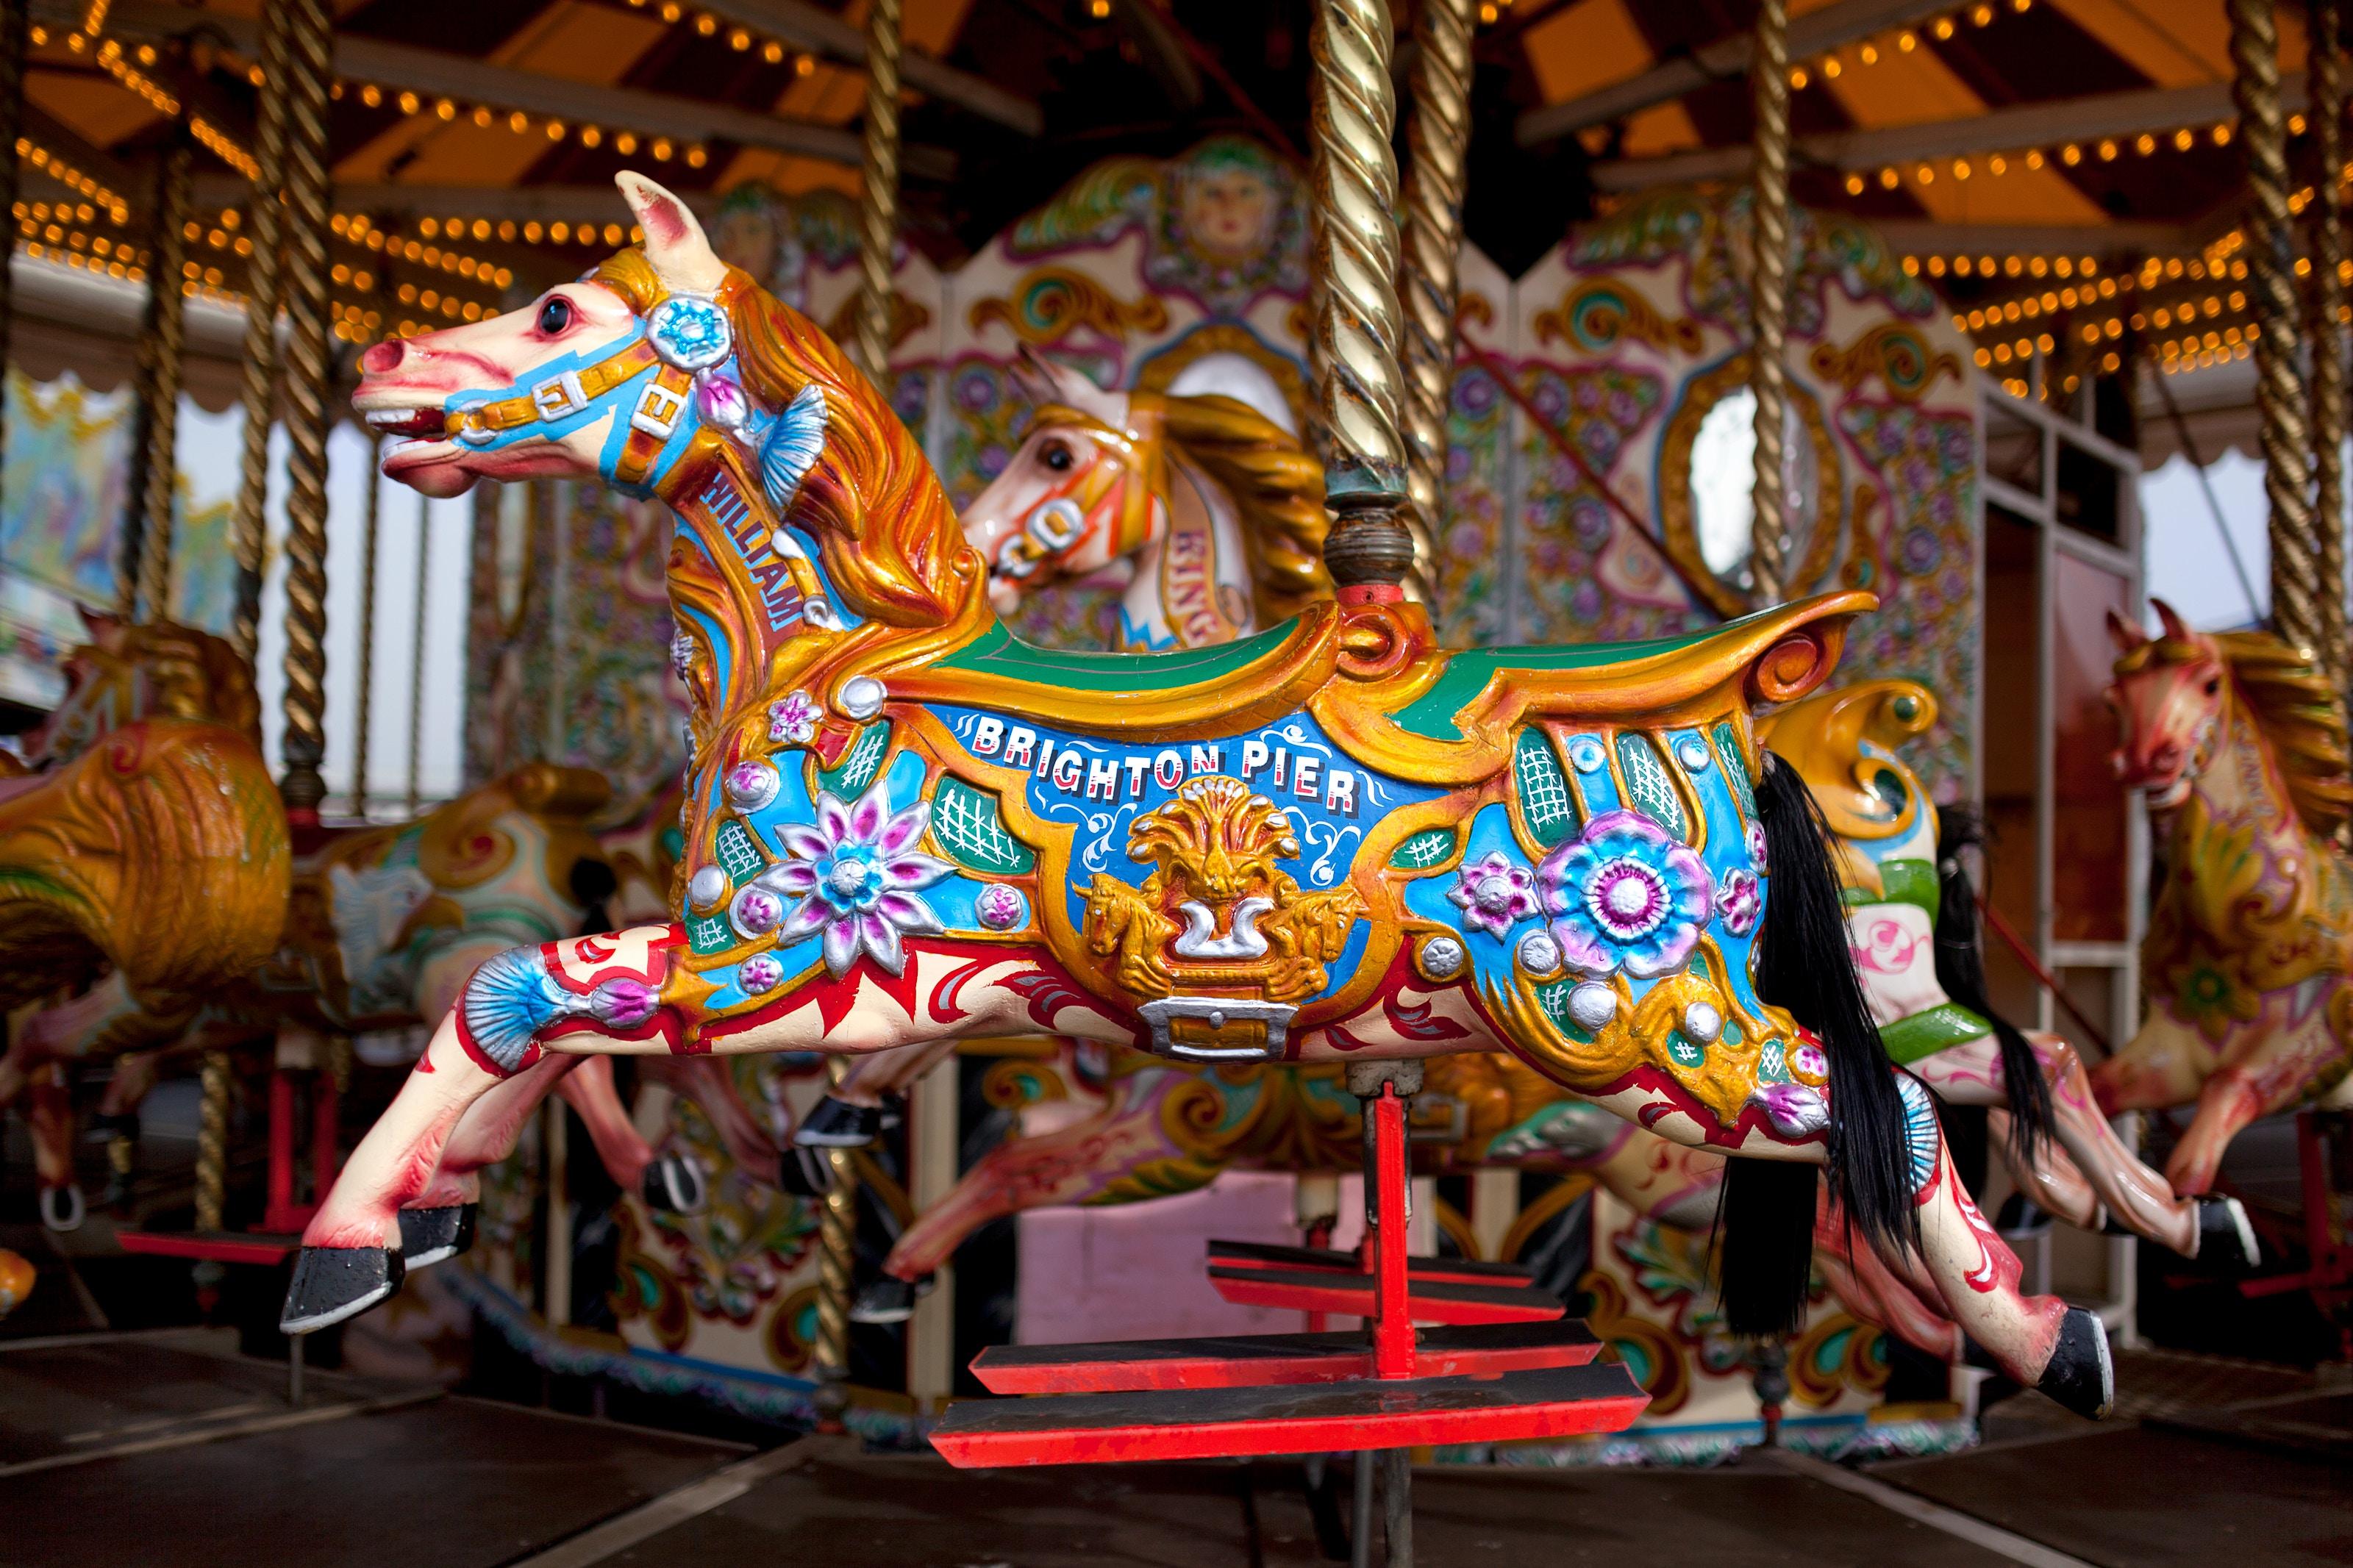 brighton pier horse